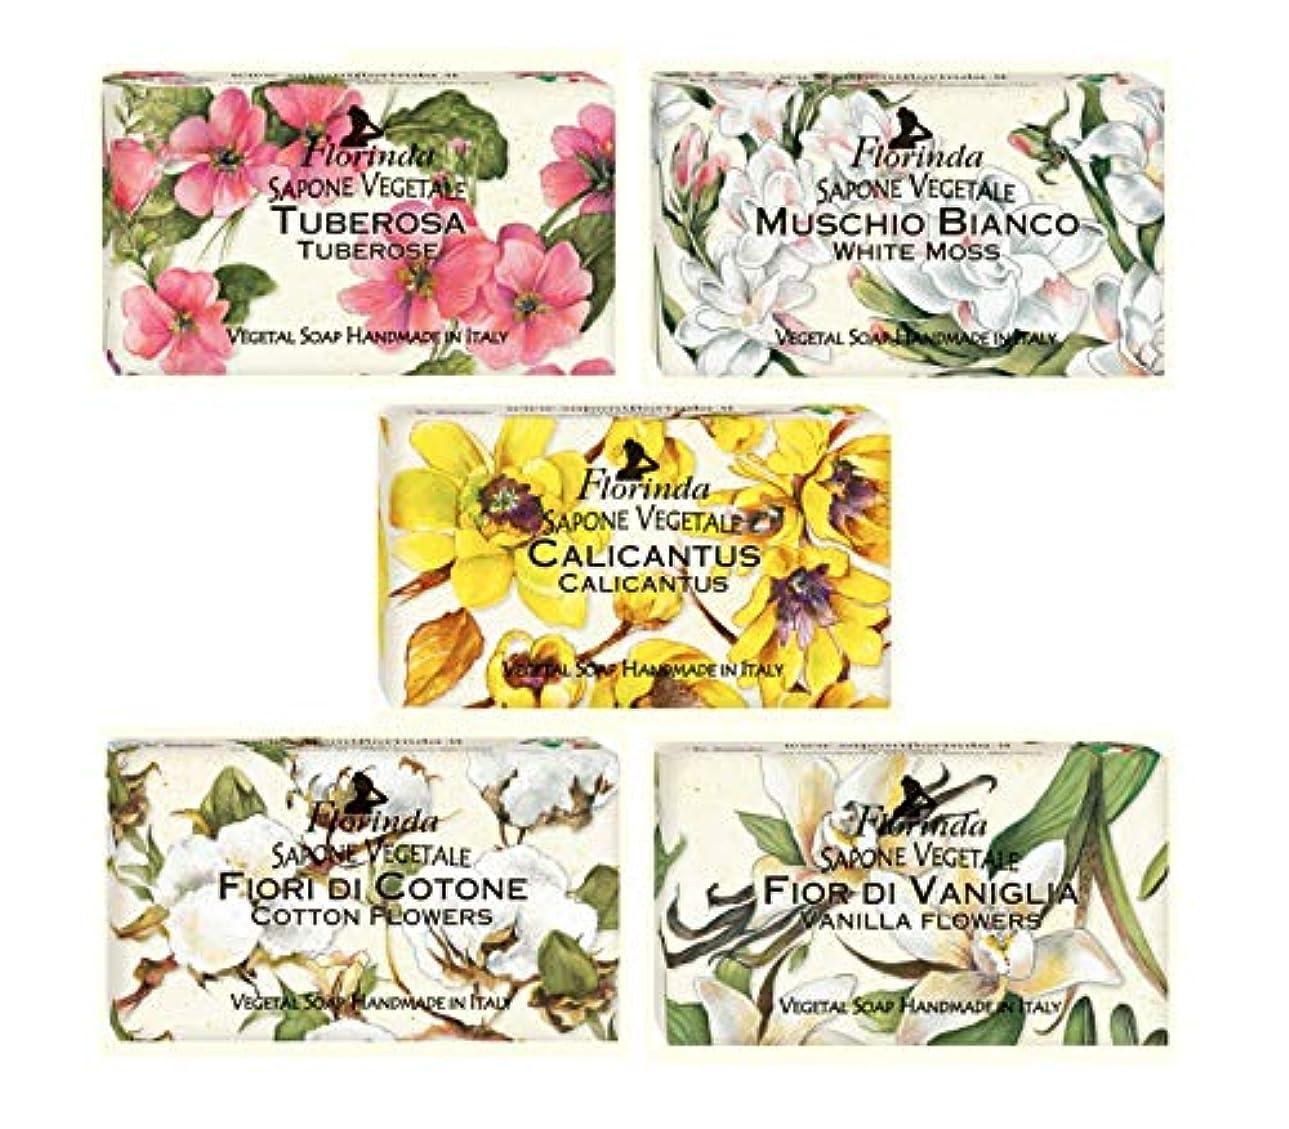 【5種類セット】フロリンダ フレグランスソープ 花の香り 95g×5種セット(チュベローズ?ホワイトモス?カリカントス?コットンフラワー?バニラフラワー)